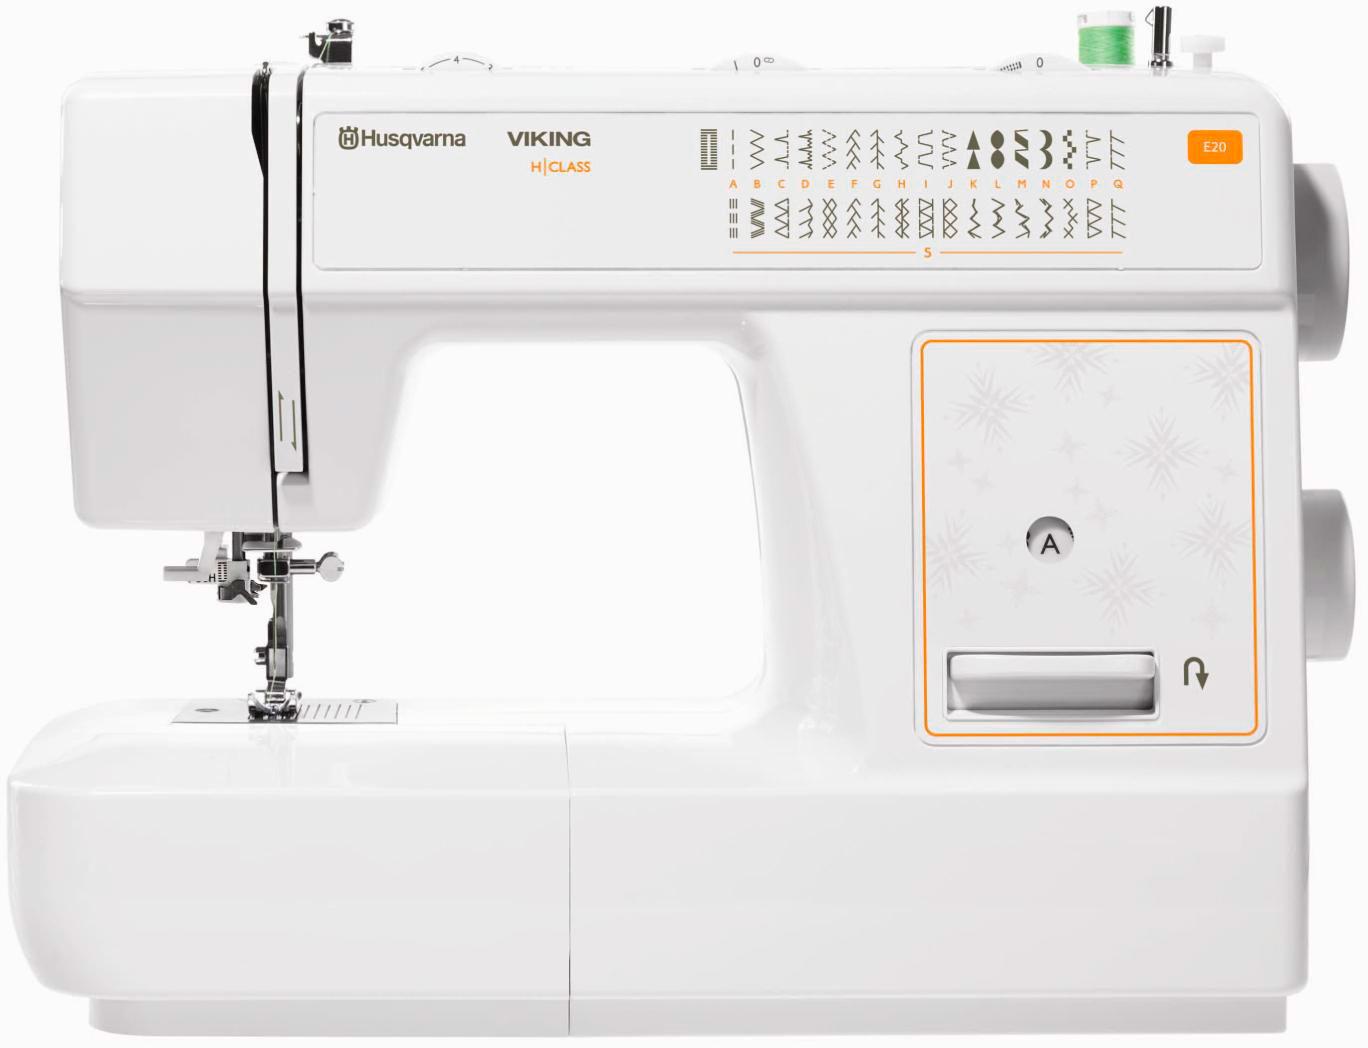 Husqvarna VIKING E20Husqvarna<br>Швейная машина Husqvarna E20 удивит Вас своими функциональными возможностями. 32 строчки, вертикальный челнок, петля выметывается в автоматическом режиме, 7 лапок в комплекте, мягкий чехол. Данная модель шьет как легкие, так и плотные ткани.<br>